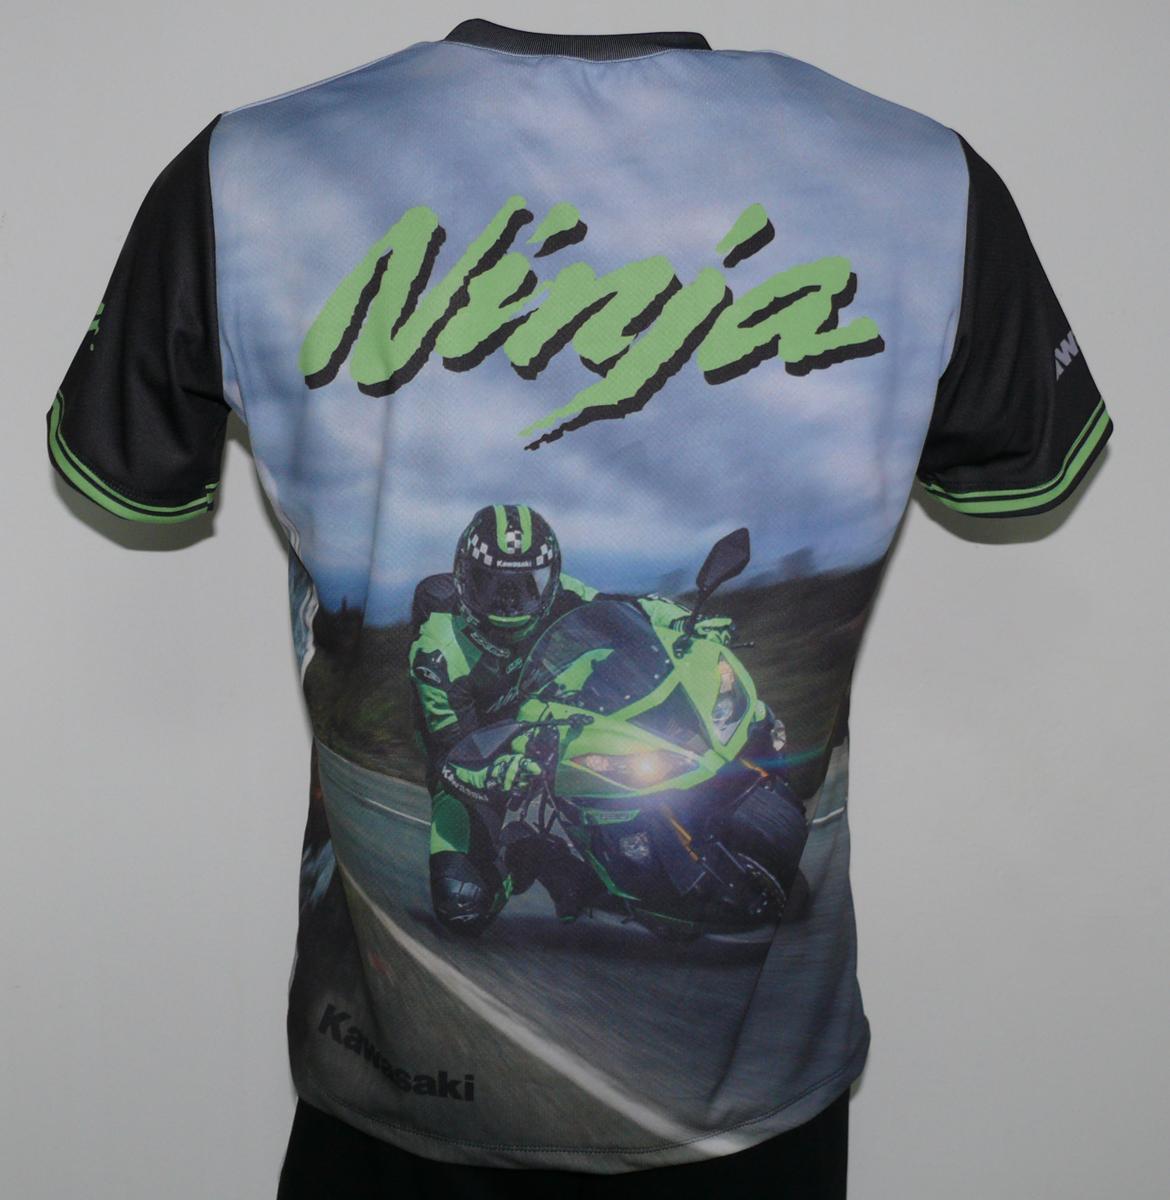 Kawasaki Ninja T Shirt With Logo And All Over Printed